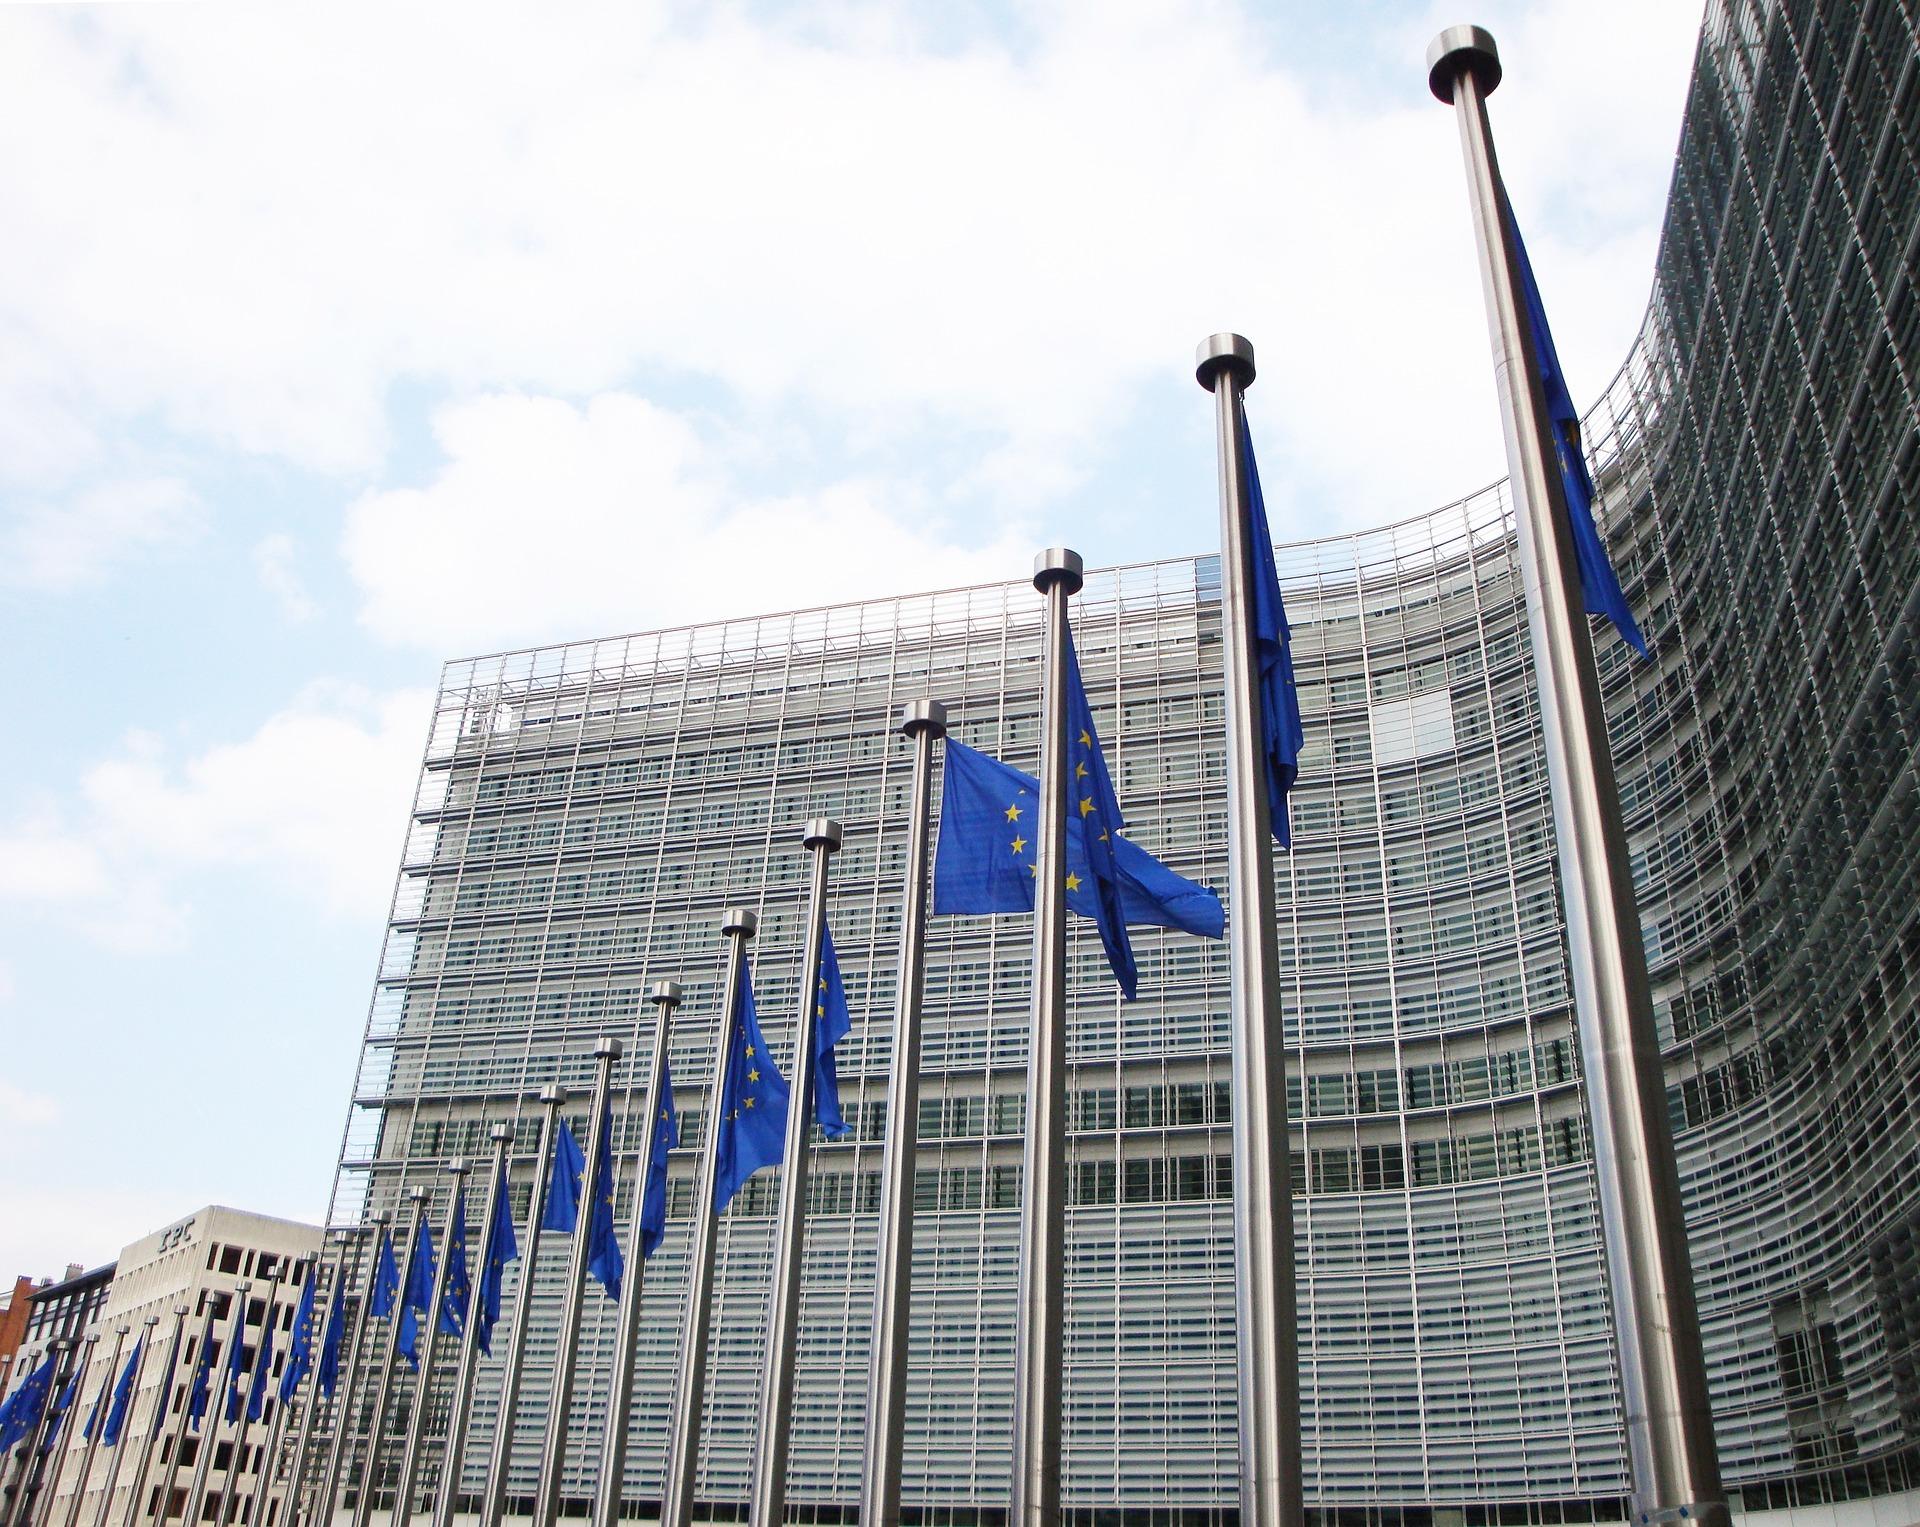 imagen de El programa marco Horizonte 2020 es el gran plan plurianual de la Comisión Europea para financiar la I+D+i. Foto: Pixabay